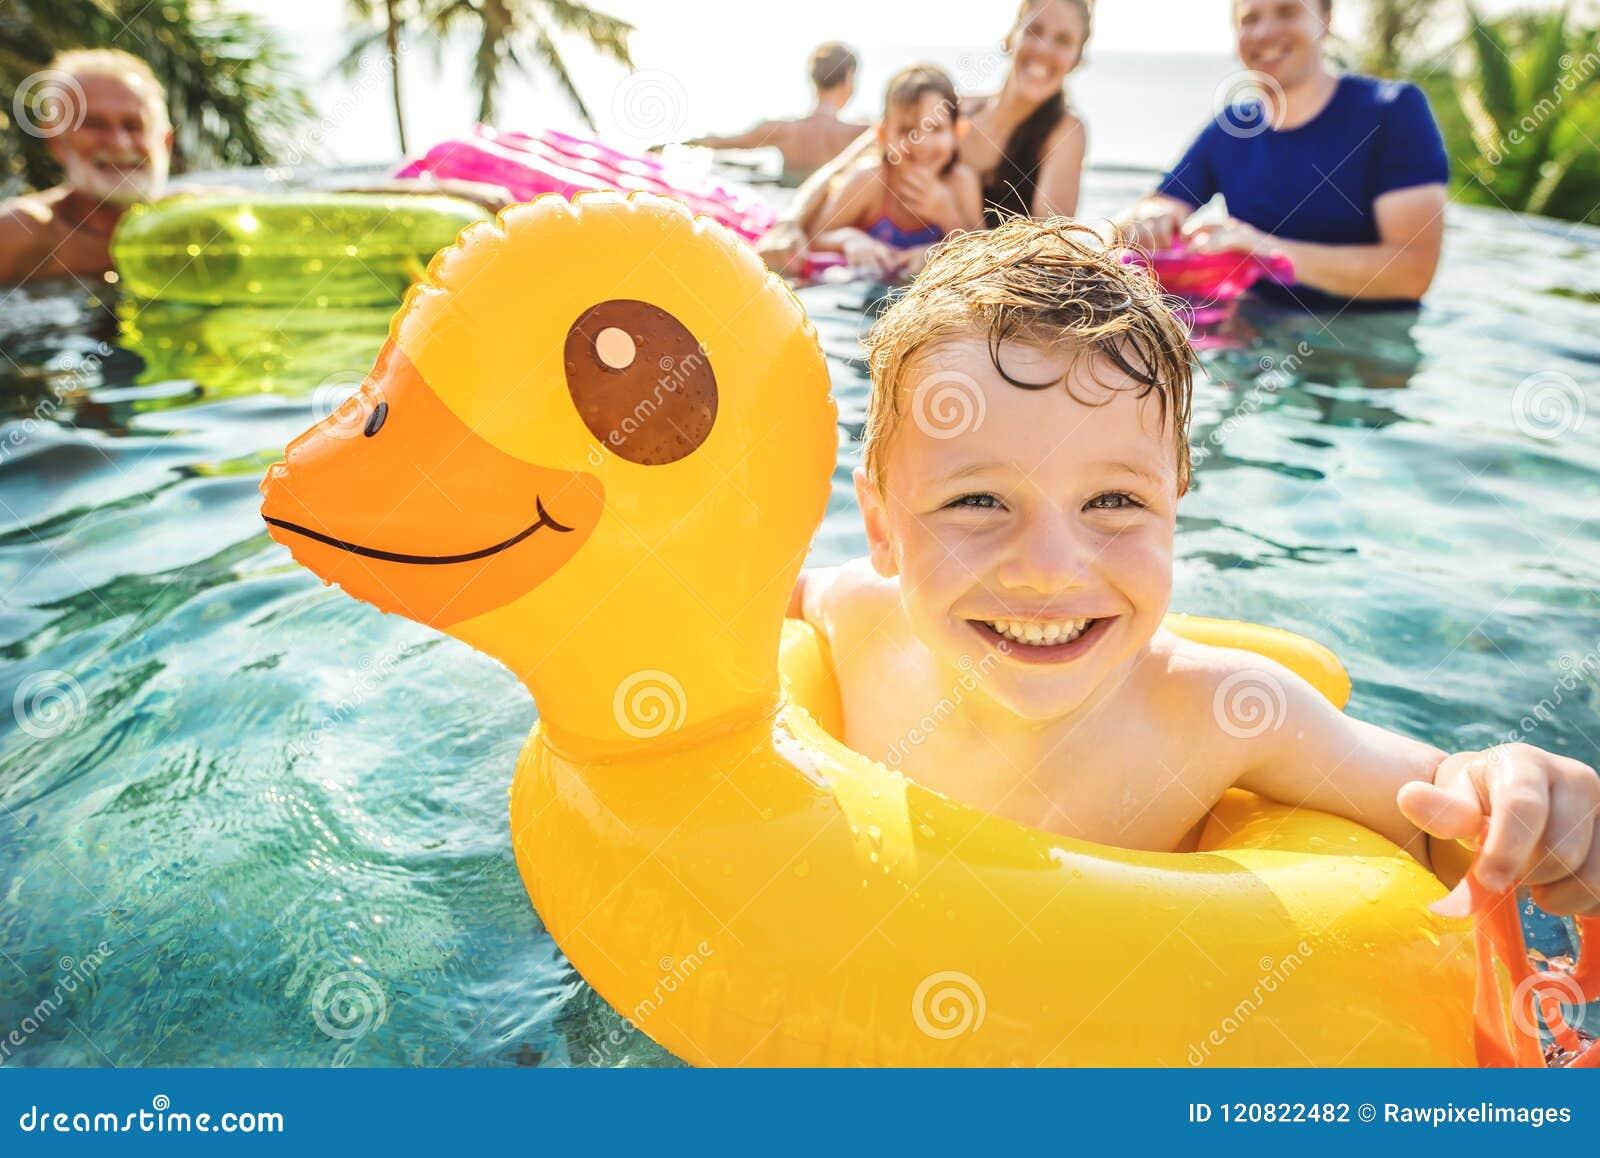 Jongen die in een pool met familie zwemmen